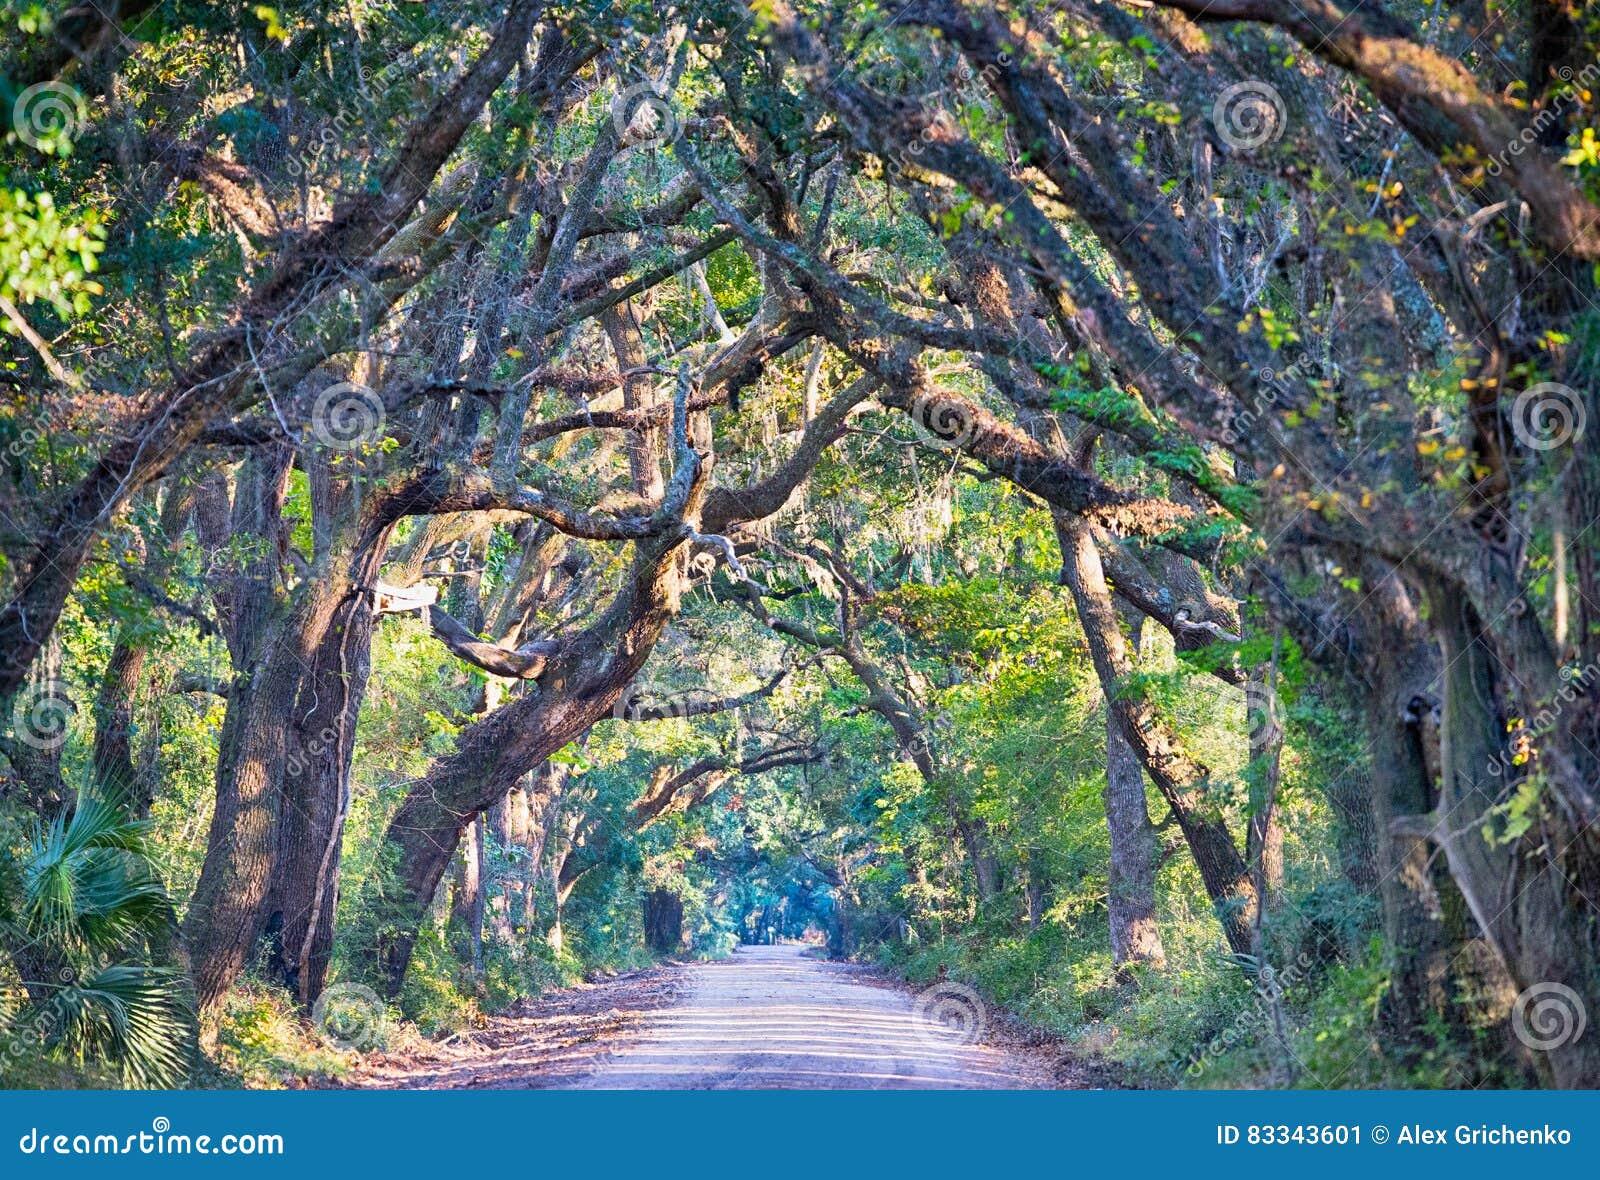 botany bay plantation spooky dirt road marsh oak trees